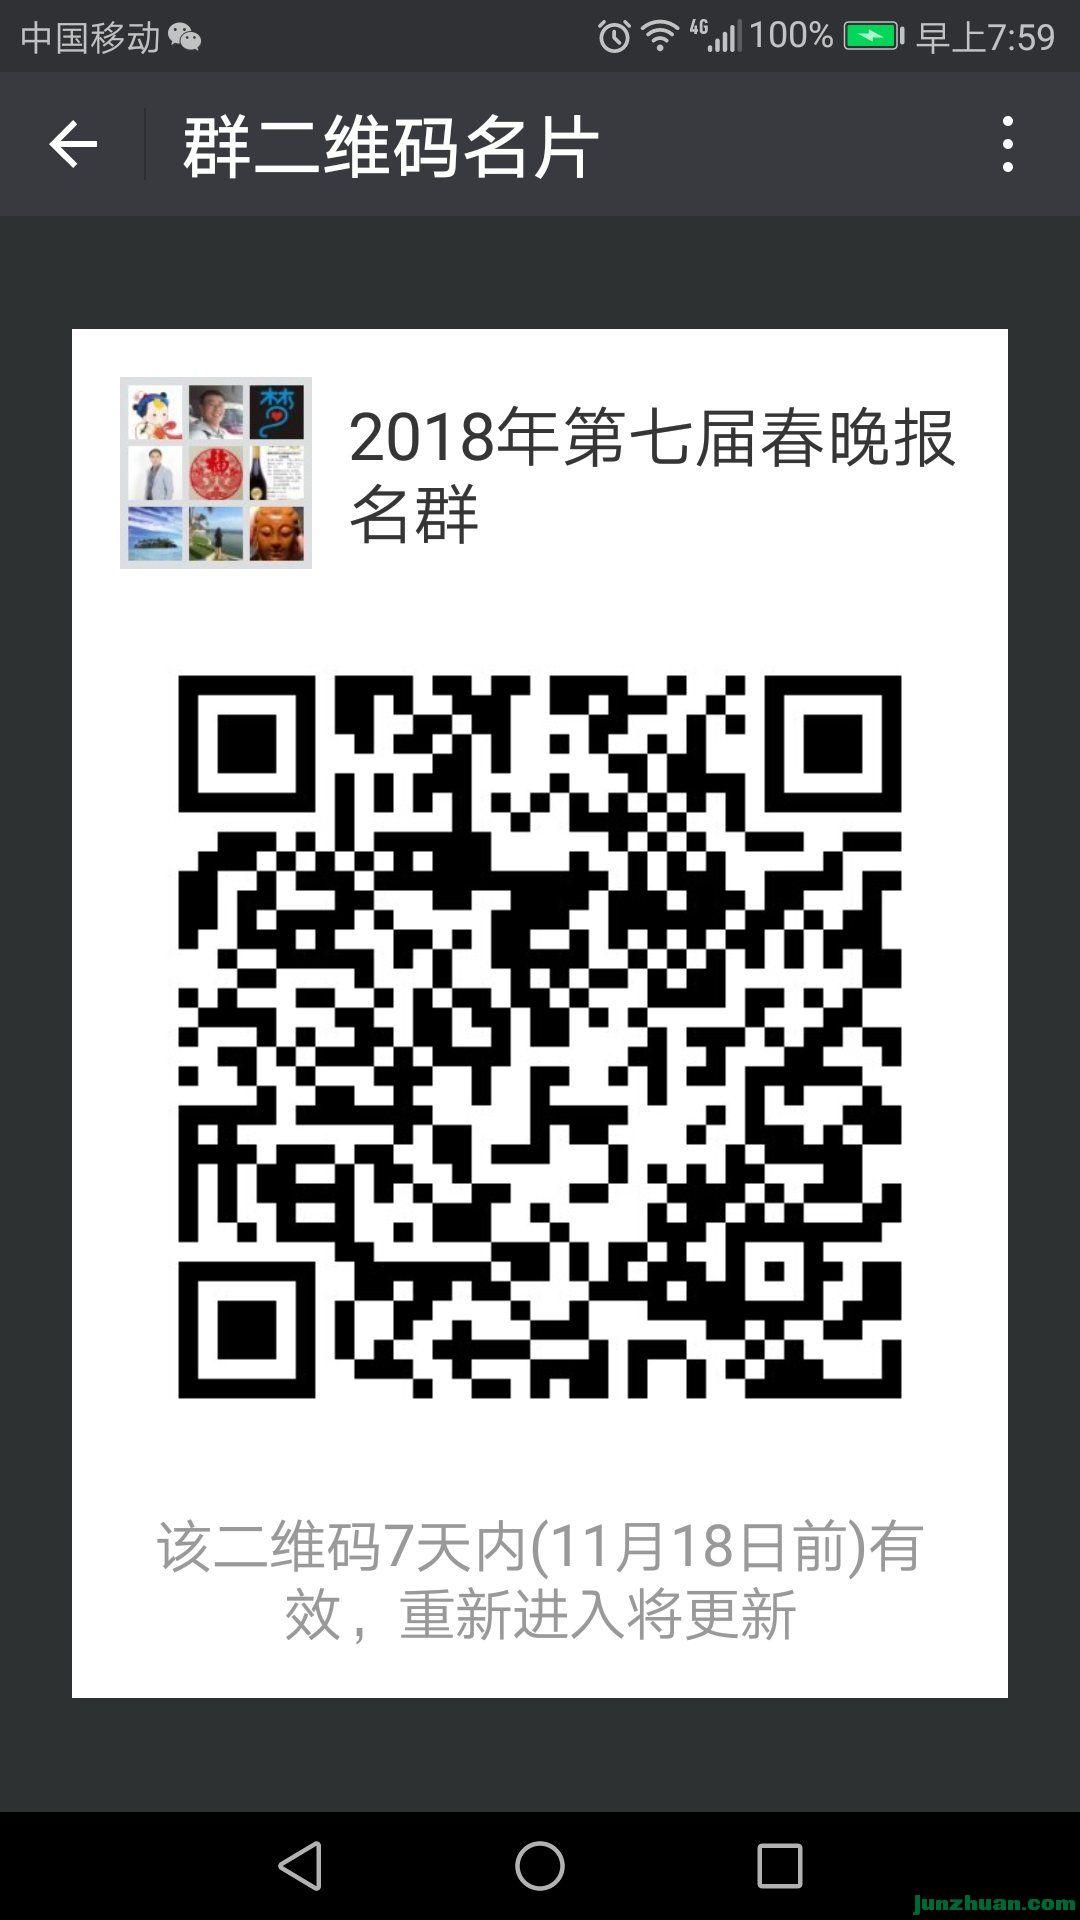 [报名通知] 北京自主择业第七届春节晚会